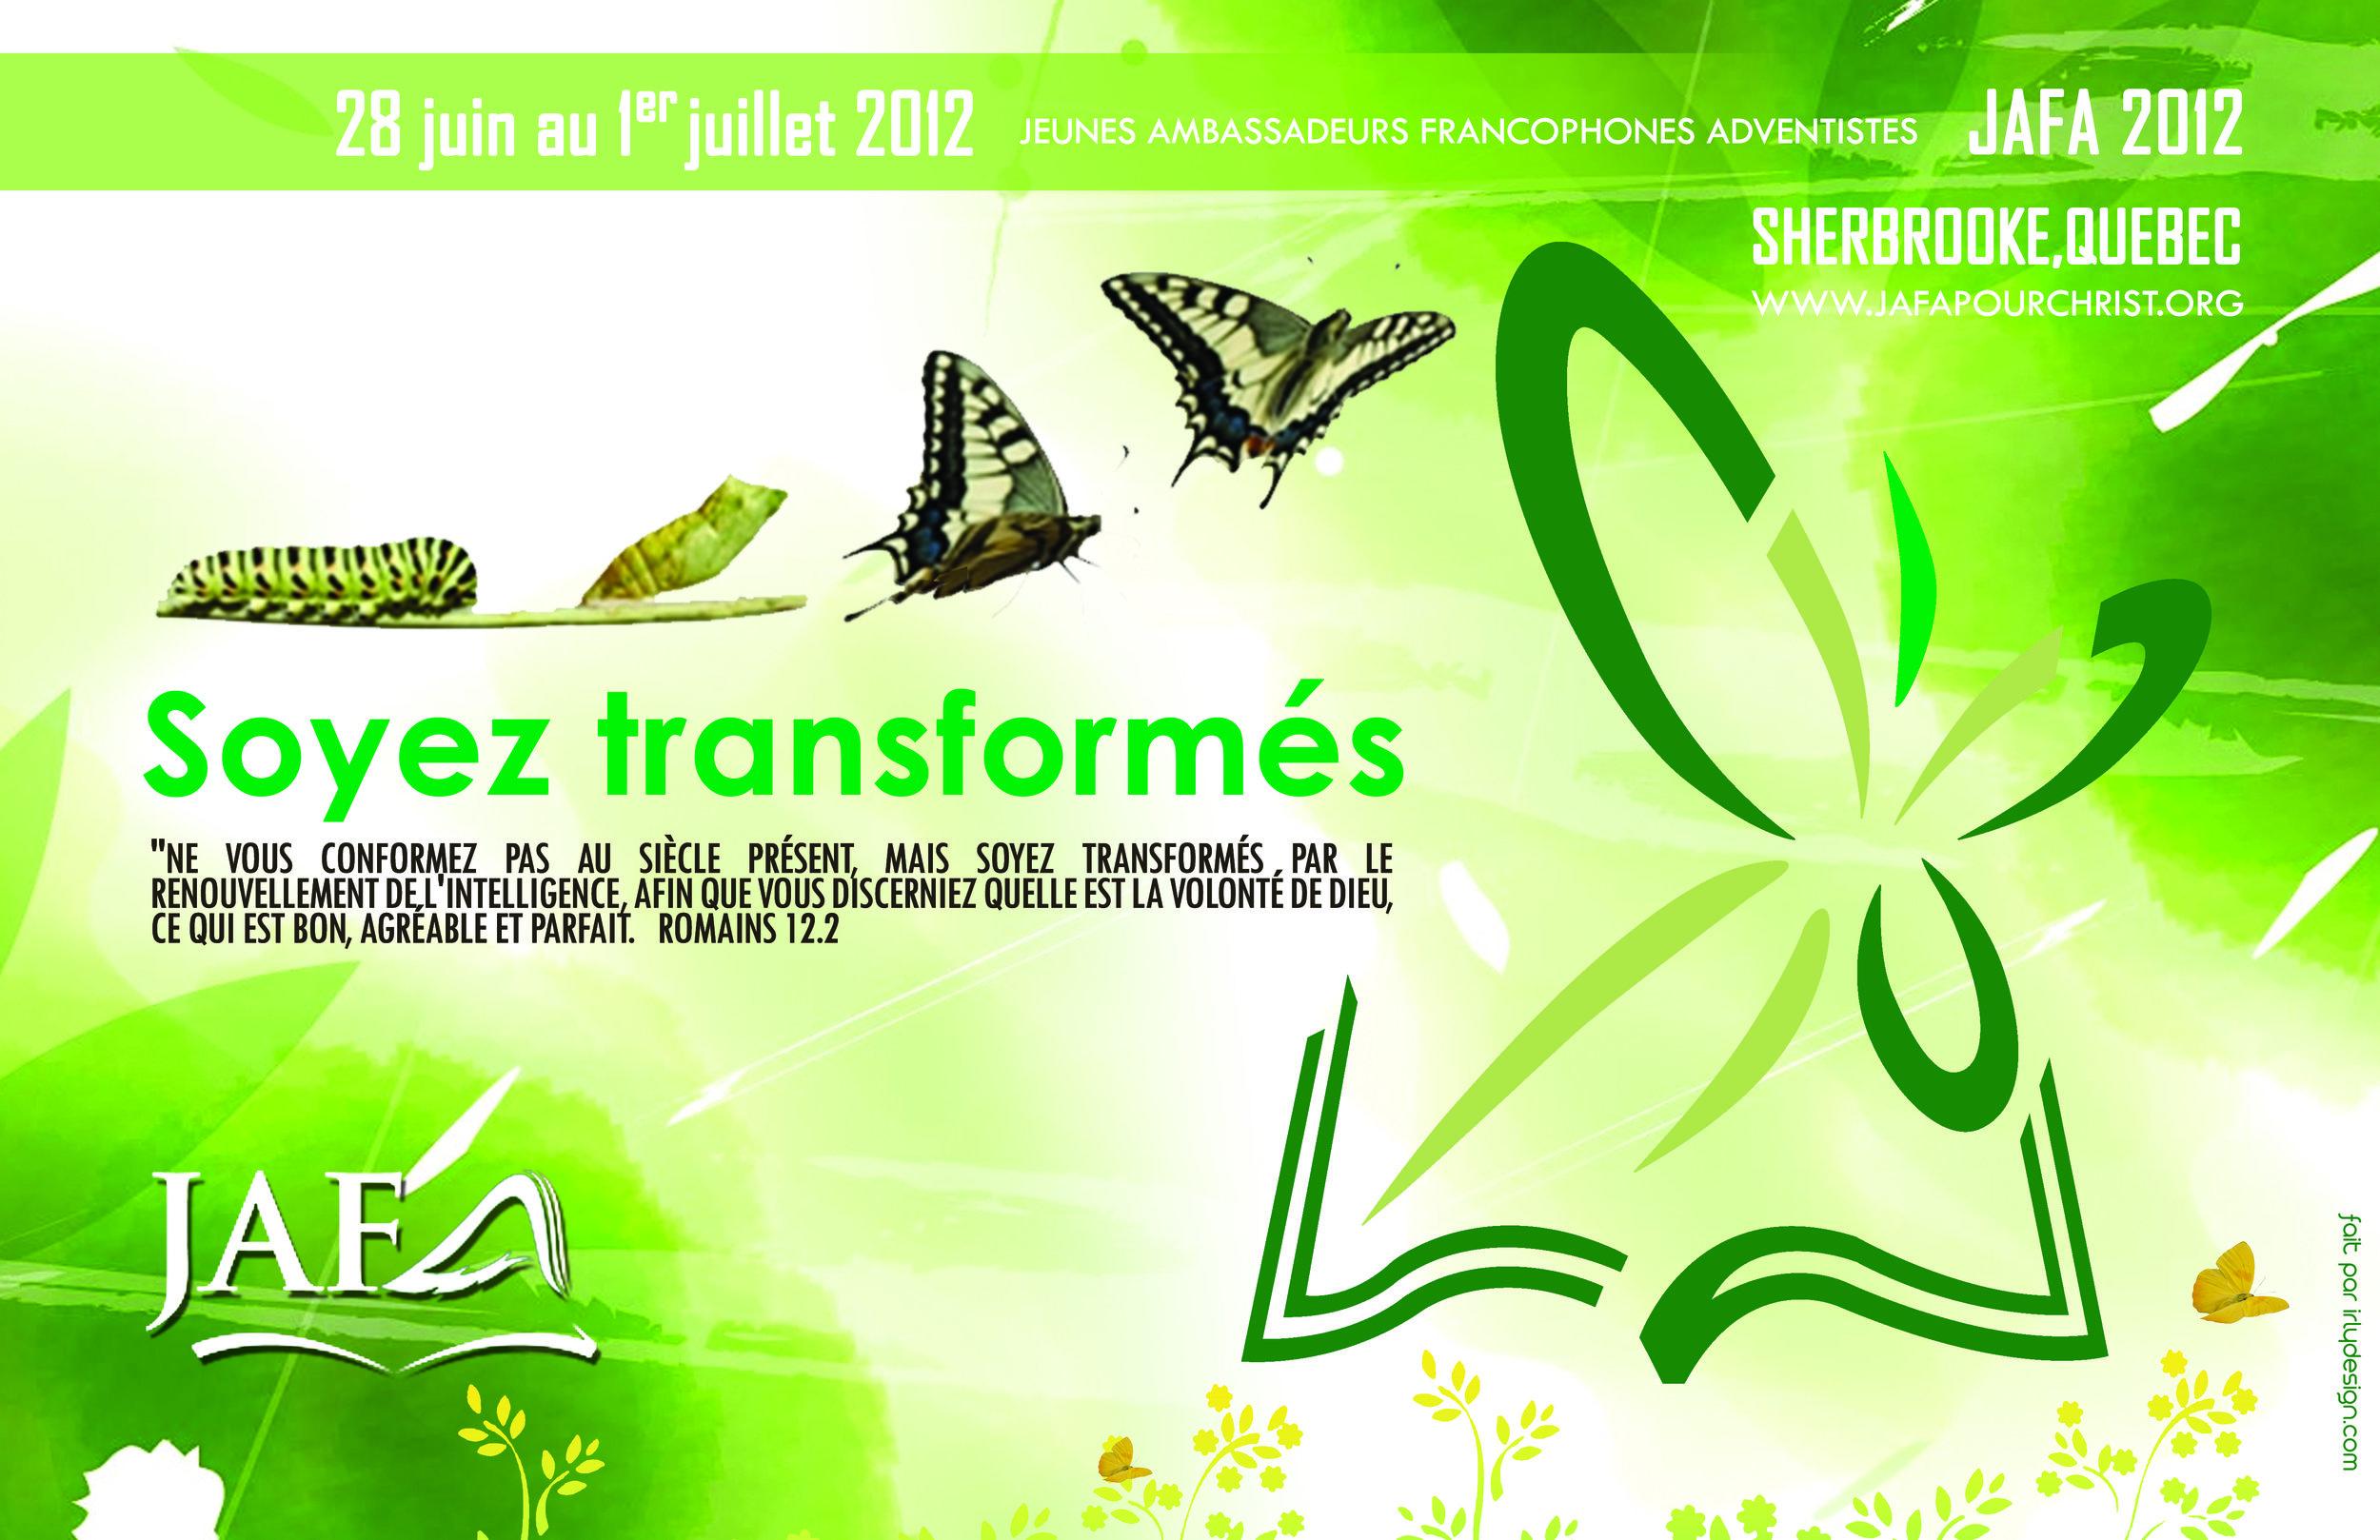 Juillet 2012 Soyez transformés .jpg